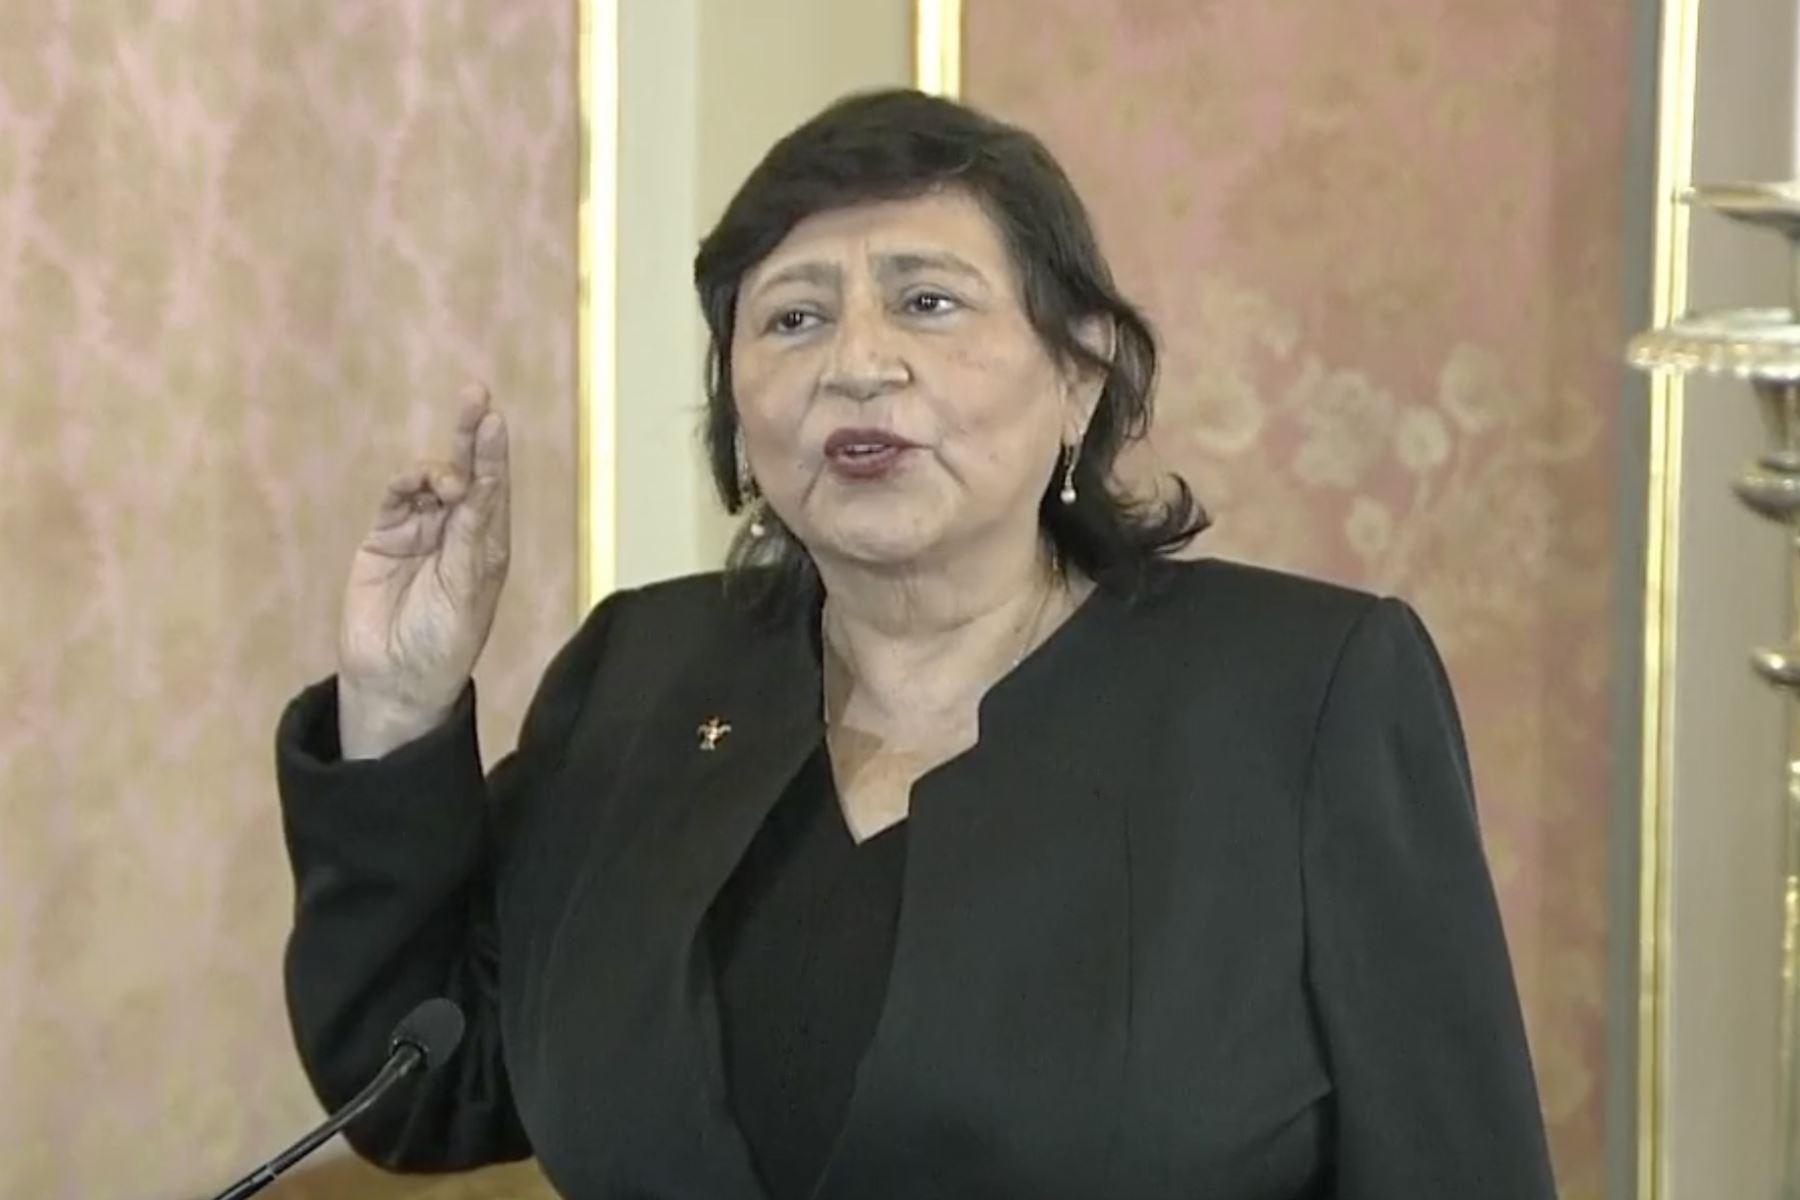 silvia-loli-espinoza-juro-como-nueva-ministra-de-la-mujer-y-poblaciones-vulnerables